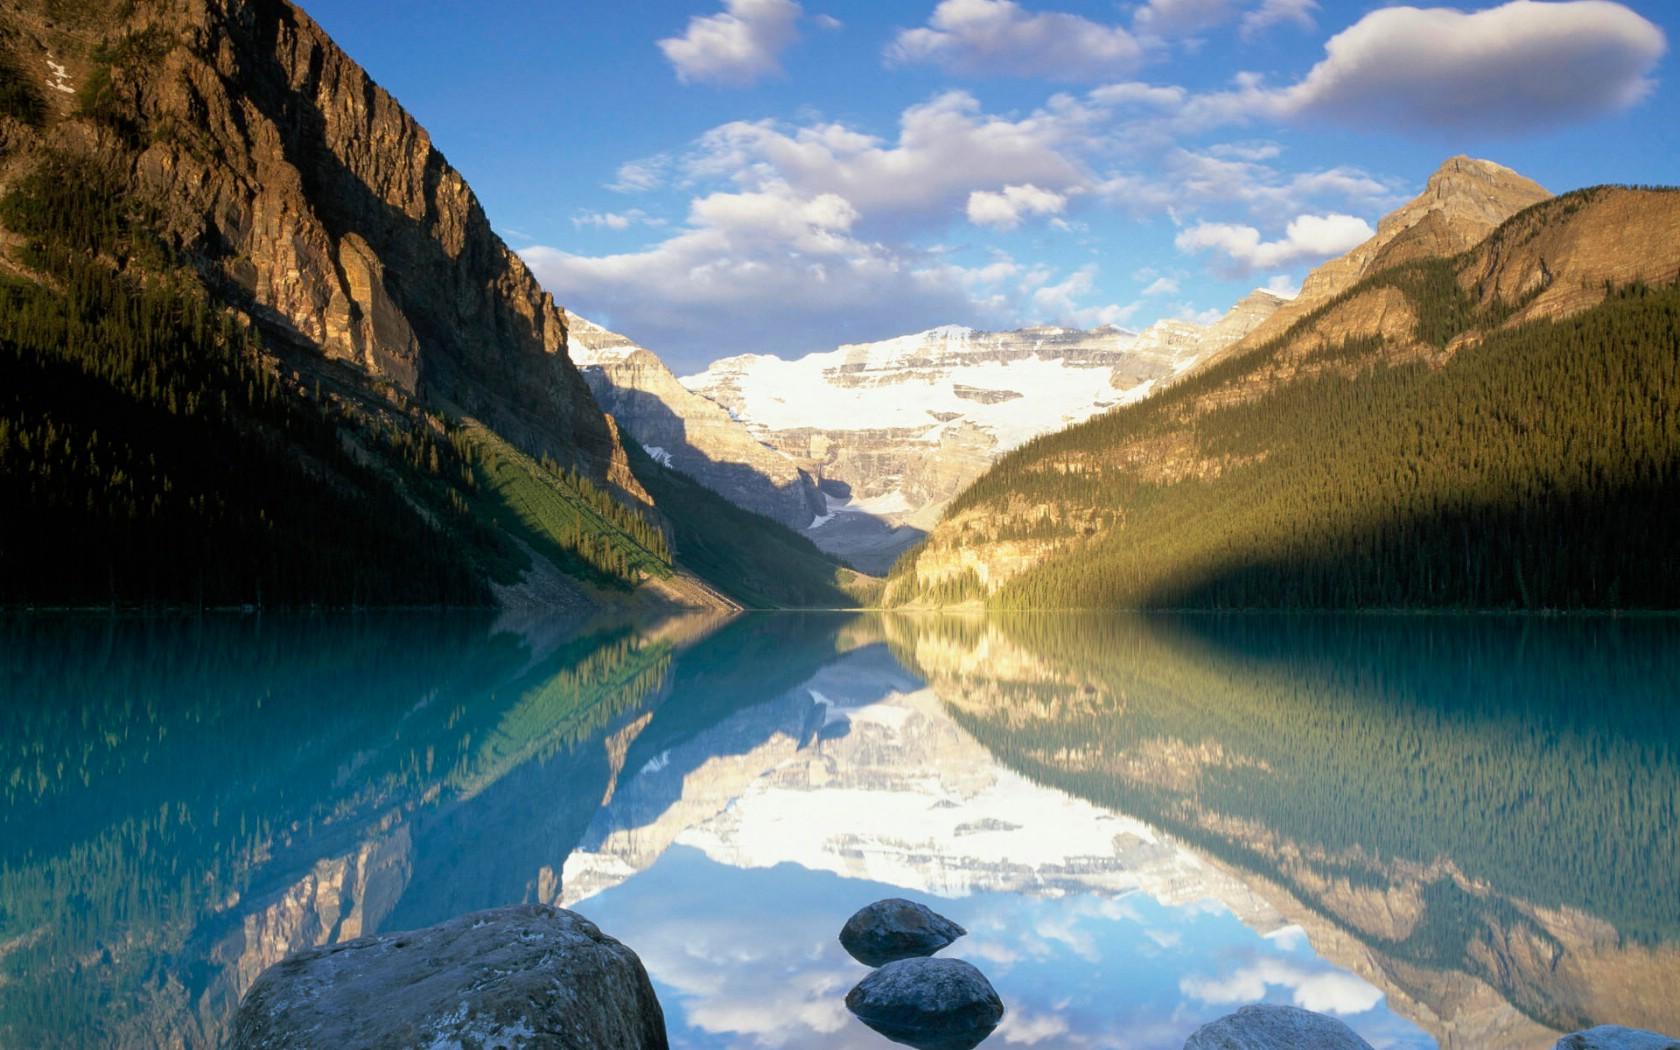 壁纸1680×1050加拿大风光风景宽屏壁纸 壁纸17壁纸 加拿大风光风景宽屏壁壁纸图片风景壁纸风景图片素材桌面壁纸